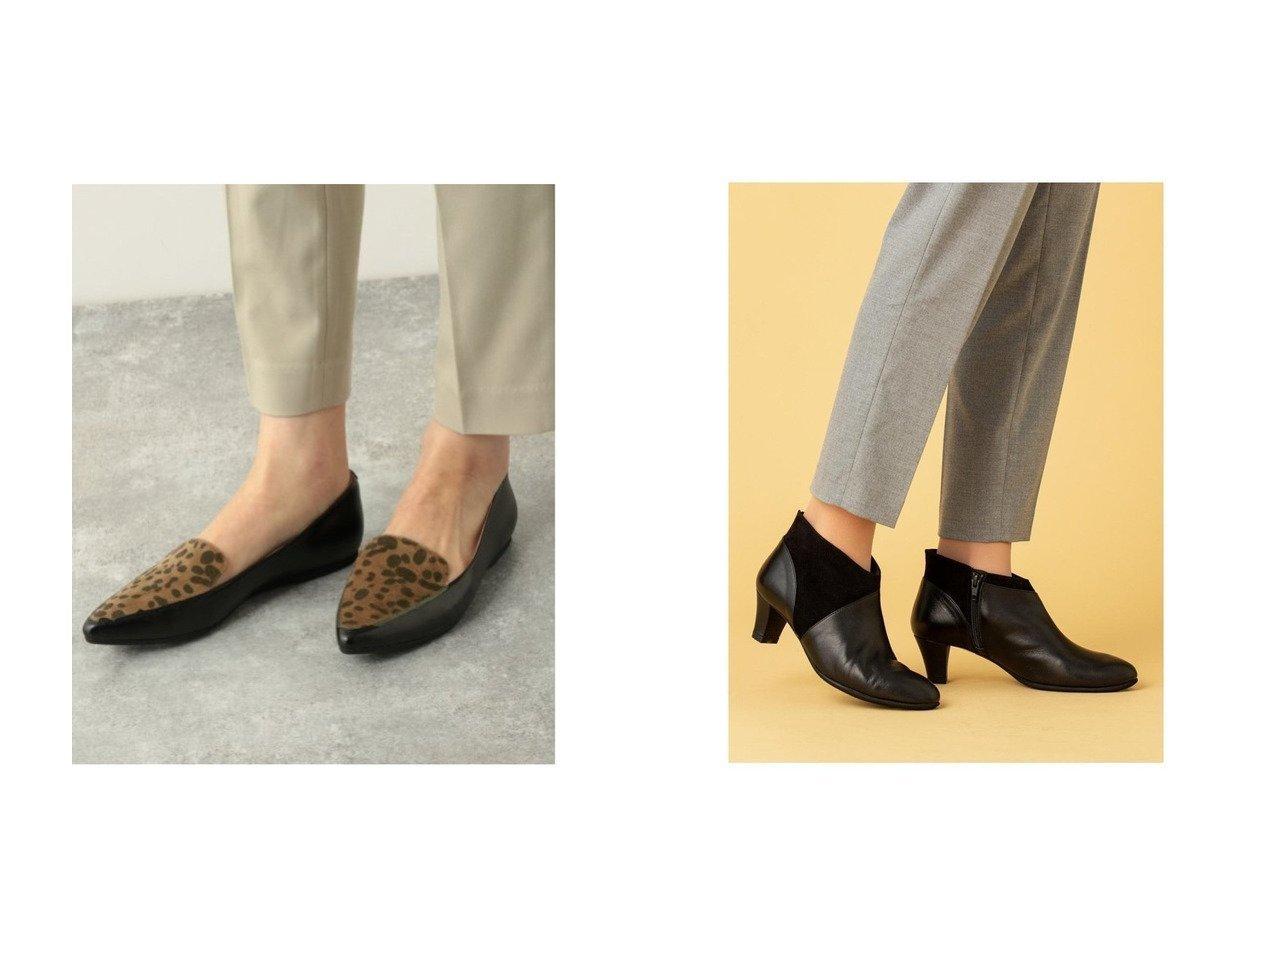 【GLOBAL WORK/グローバルワーク】のシナヤカフィットハッスイオペラ&【asics/アシックス】の《アシックス公式》 ブーツ Pedala 【ペダラ WB165E 3E】5.0cmヒール シューズ・靴のおすすめ!人気、レディースファッションの通販 おすすめファッション通販アイテム インテリア・キッズ・メンズ・レディースファッション・服の通販 founy(ファニー)  ファッション Fashion レディース WOMEN シューズ フィット フラット 抗菌 アシンメトリー クッション ショート ダブル ライニング 冬 Winter ブラック系 Black ベージュ系 Beige ホワイト系 White |ID:crp329100000003054